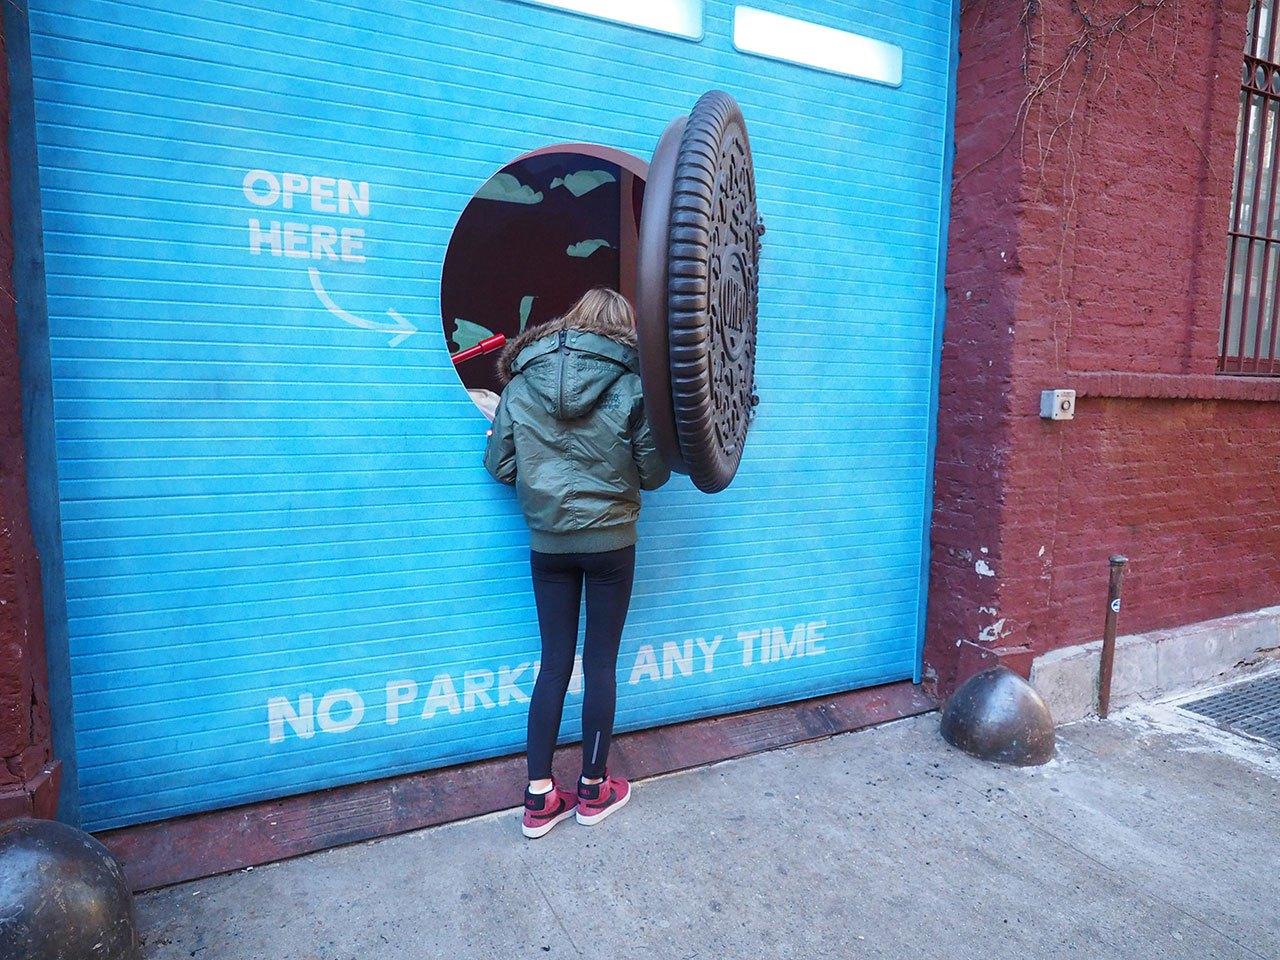 Oreo open here